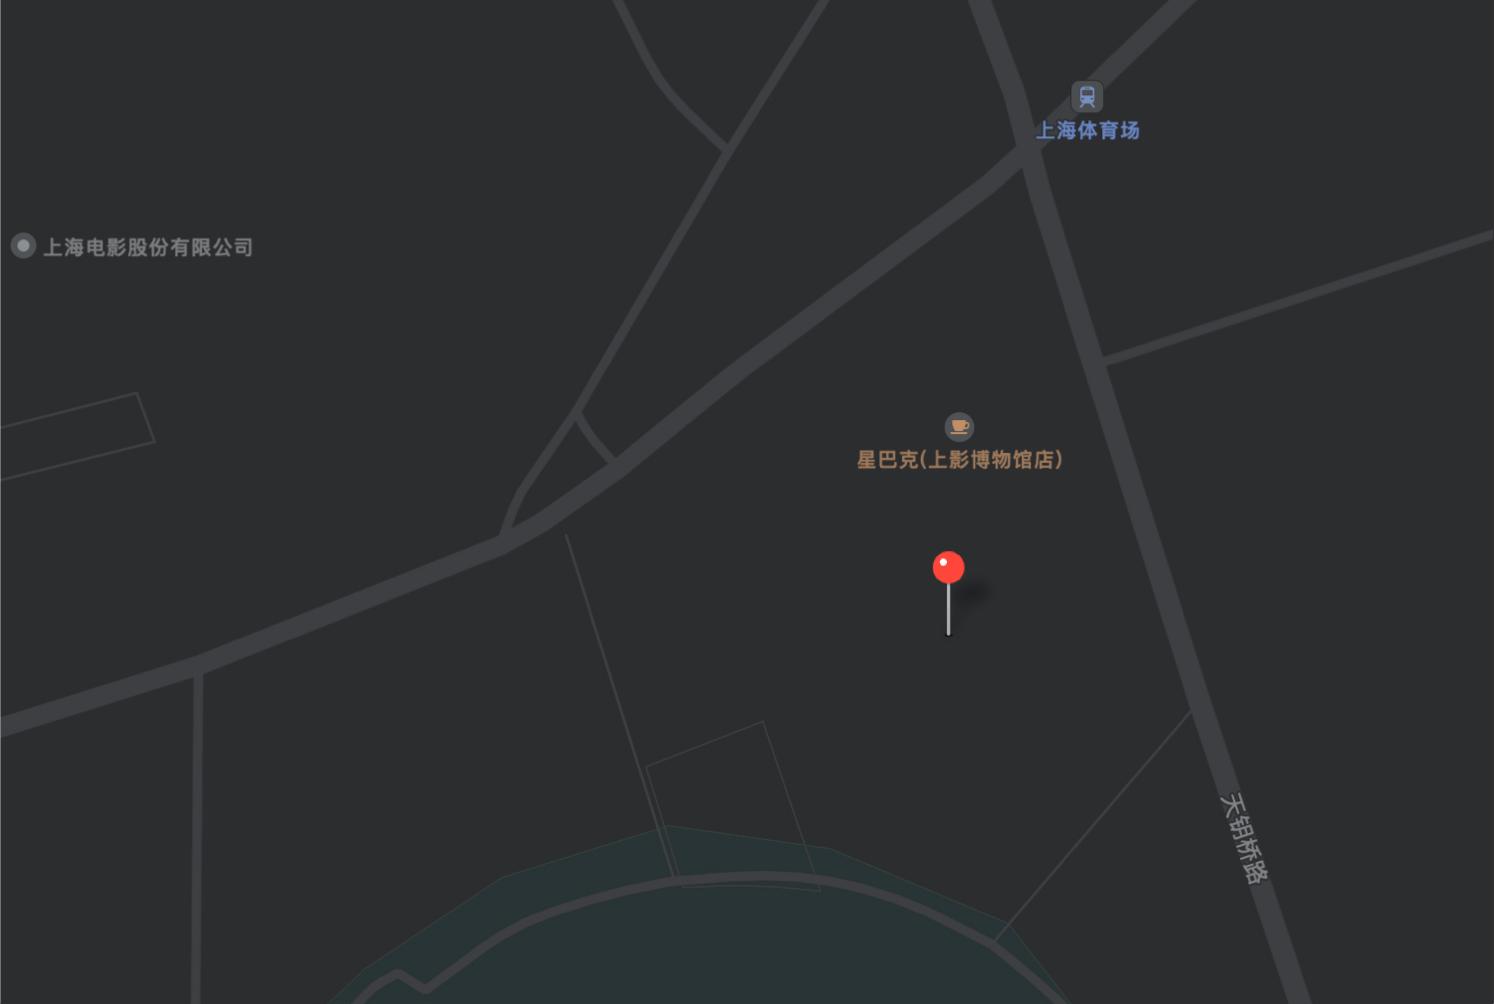 华广生物科技(上海)